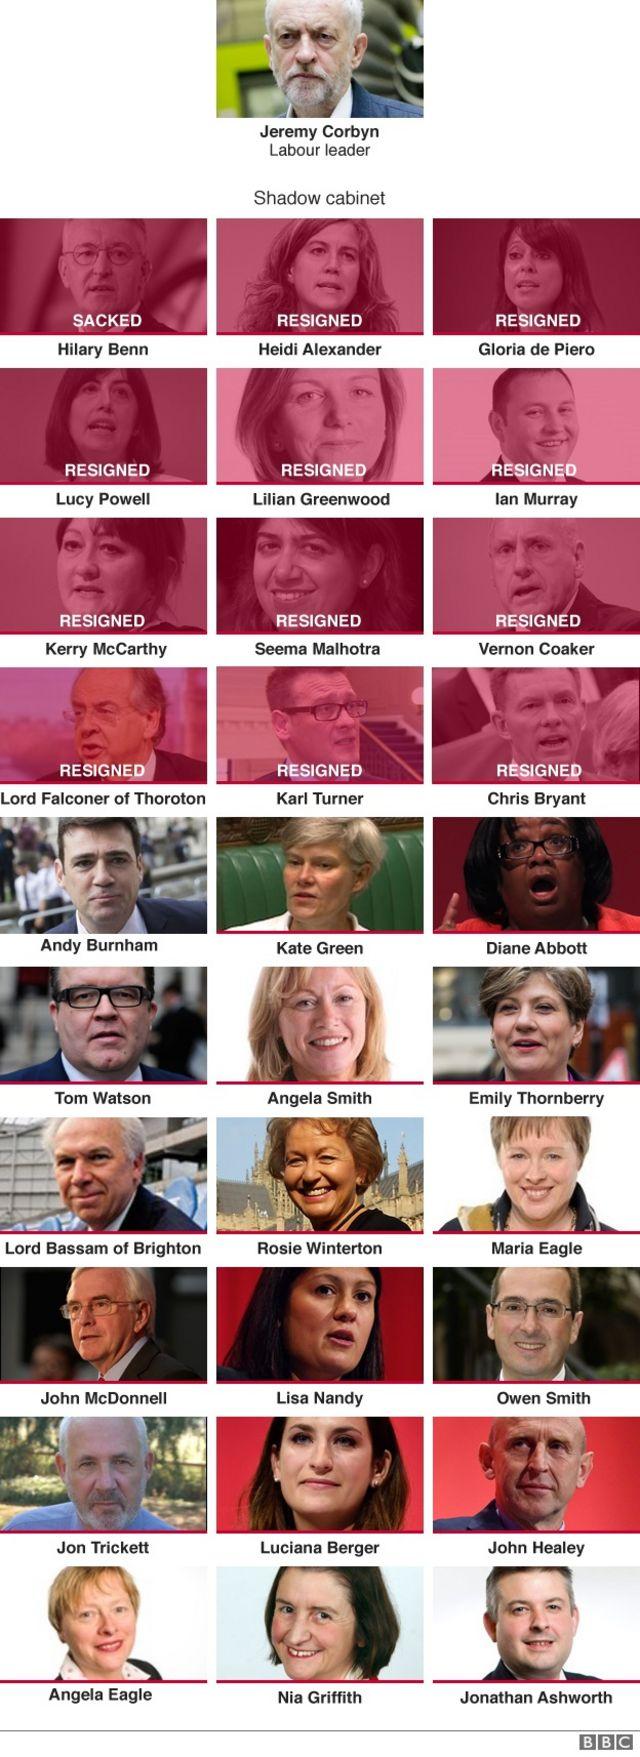 英国民投票】労働党・影の内閣で相次ぐ辞任 コービン党首は続投表明 ...